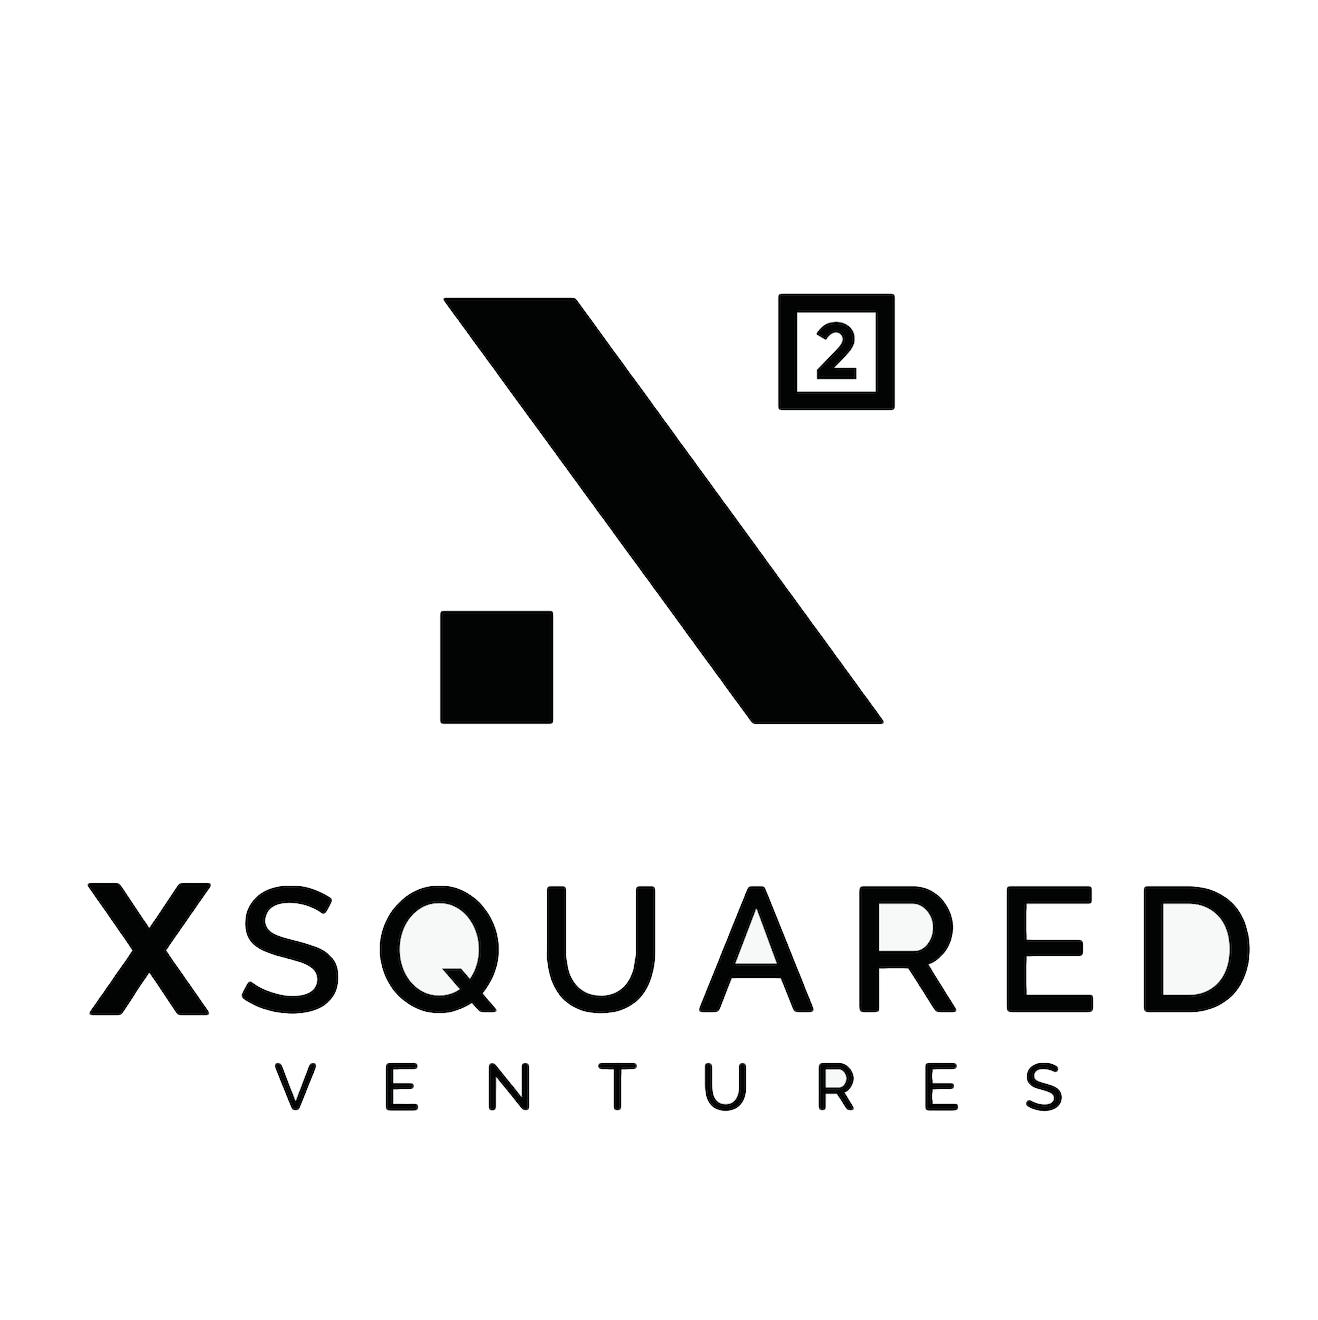 XSquared Ventures